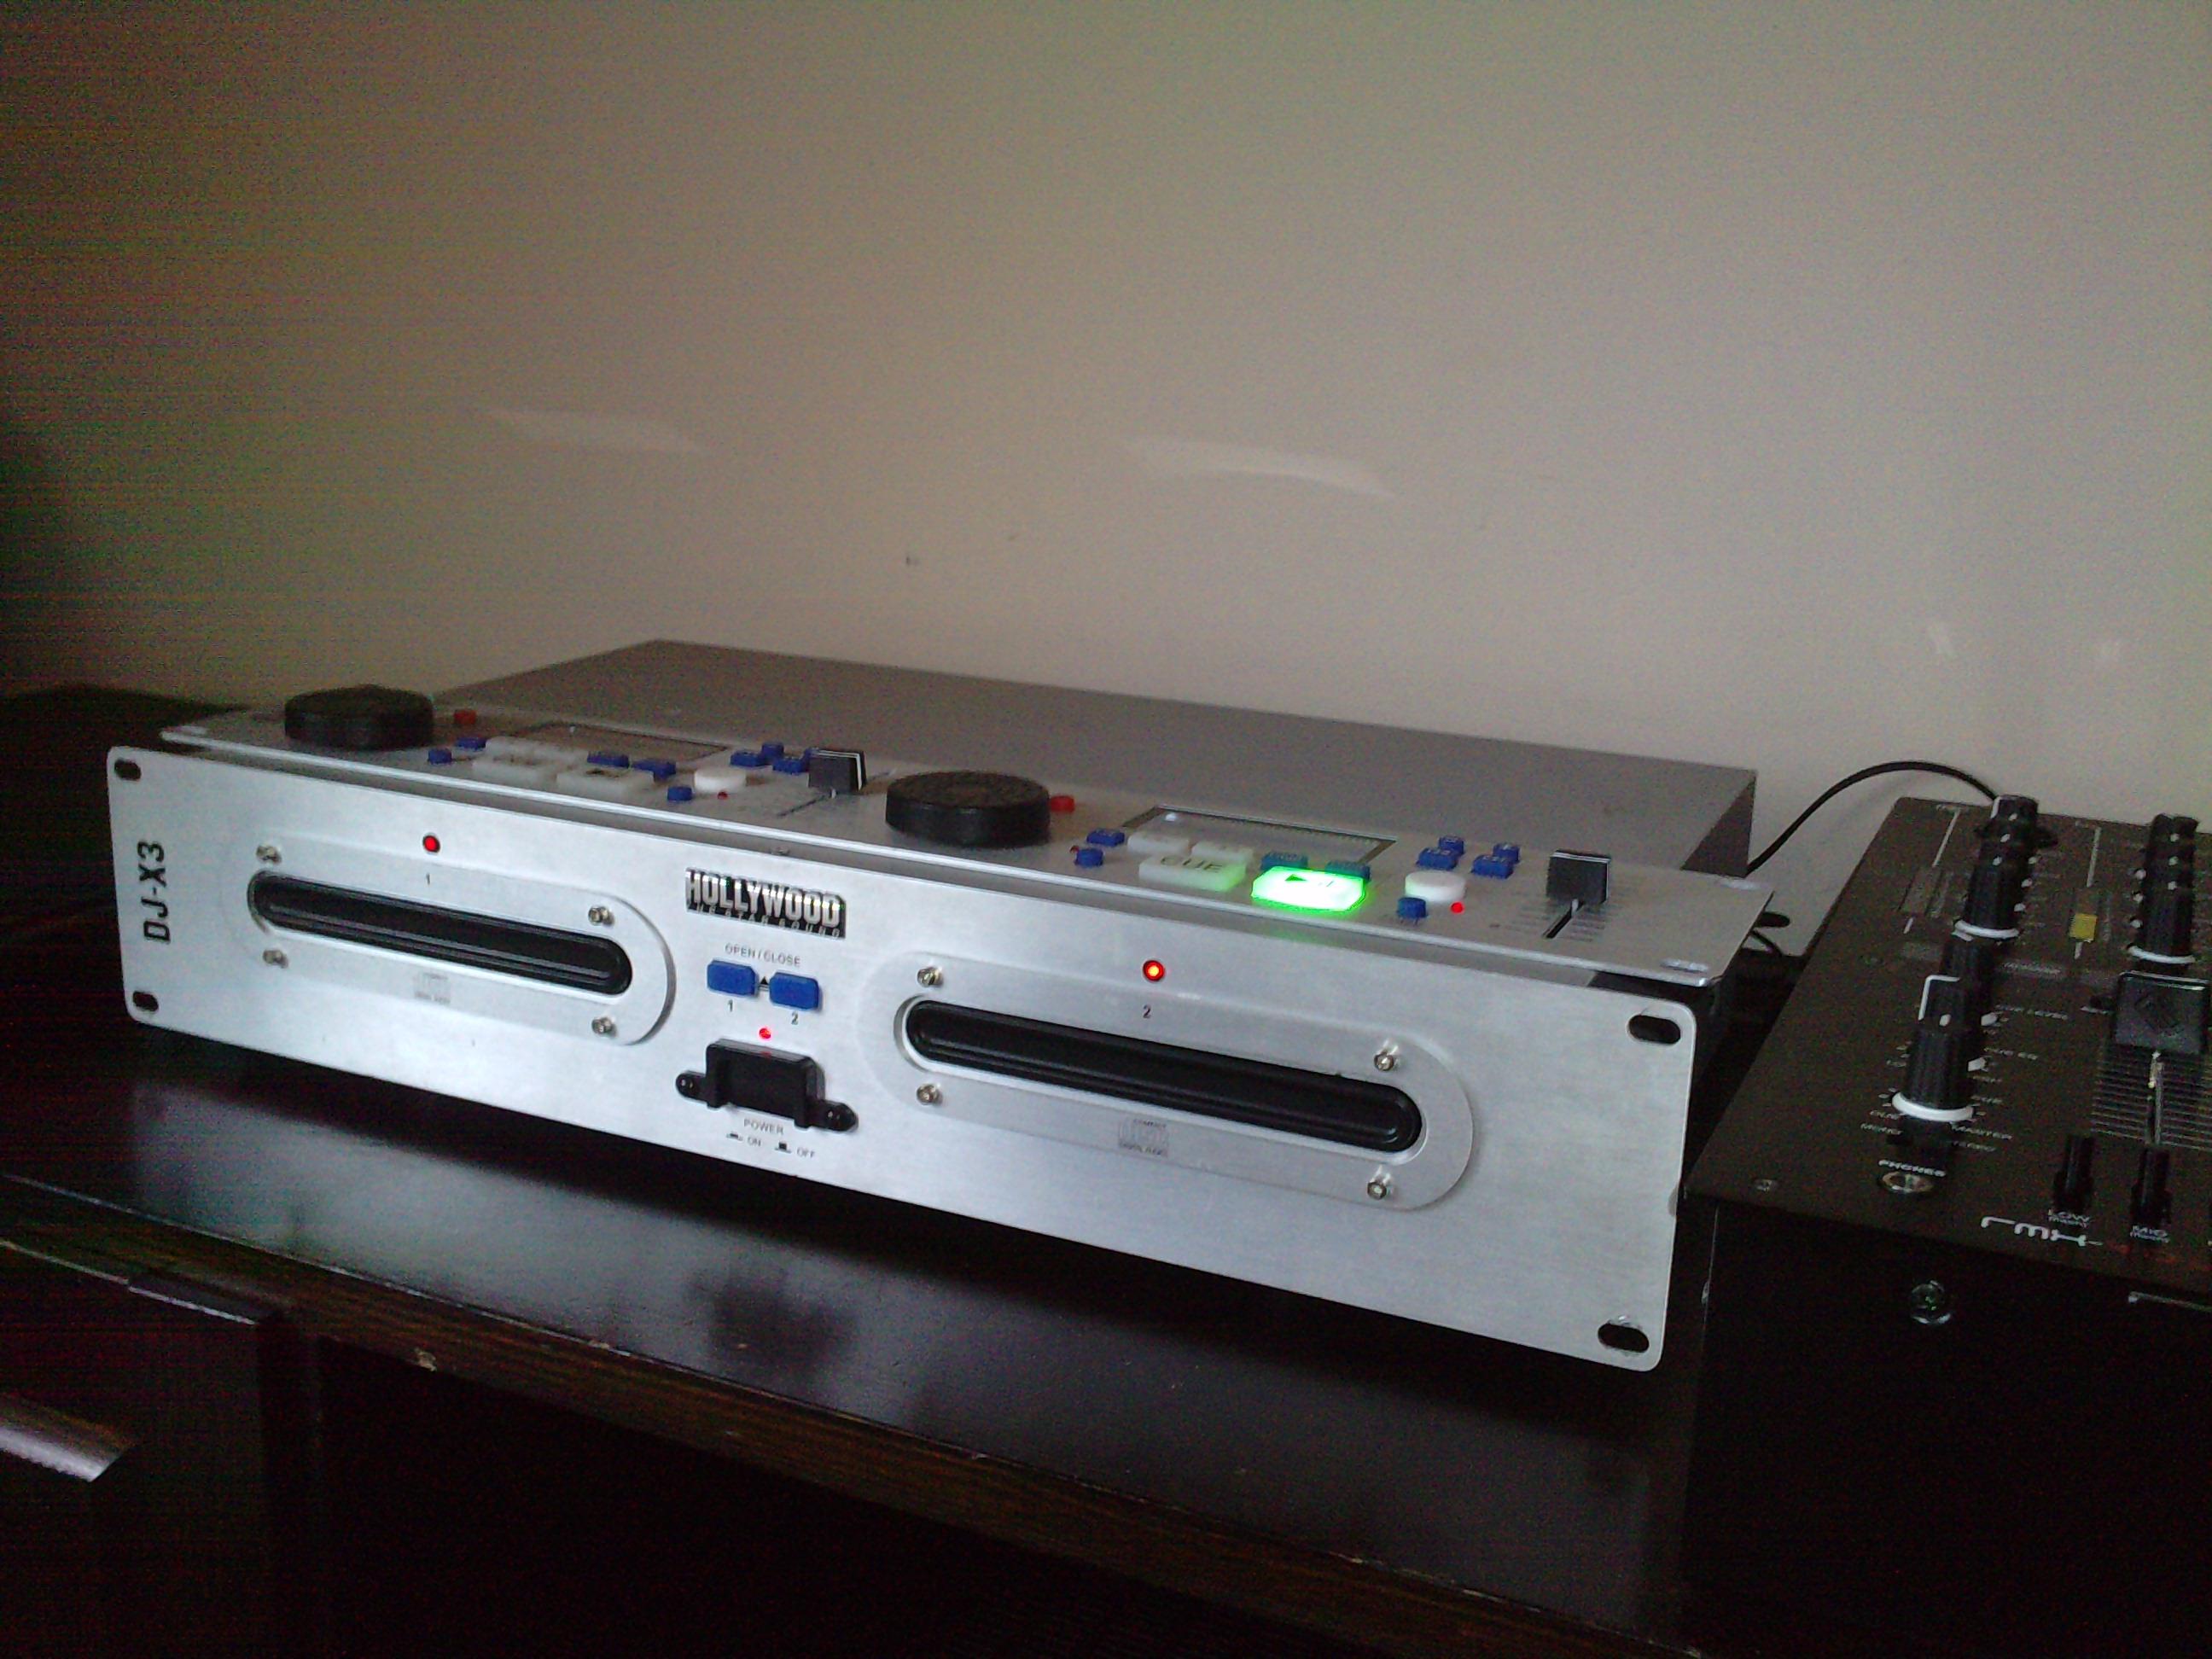 Jak mo�na przerobi� odtwarzacz CD hollywood dj-x3 ?